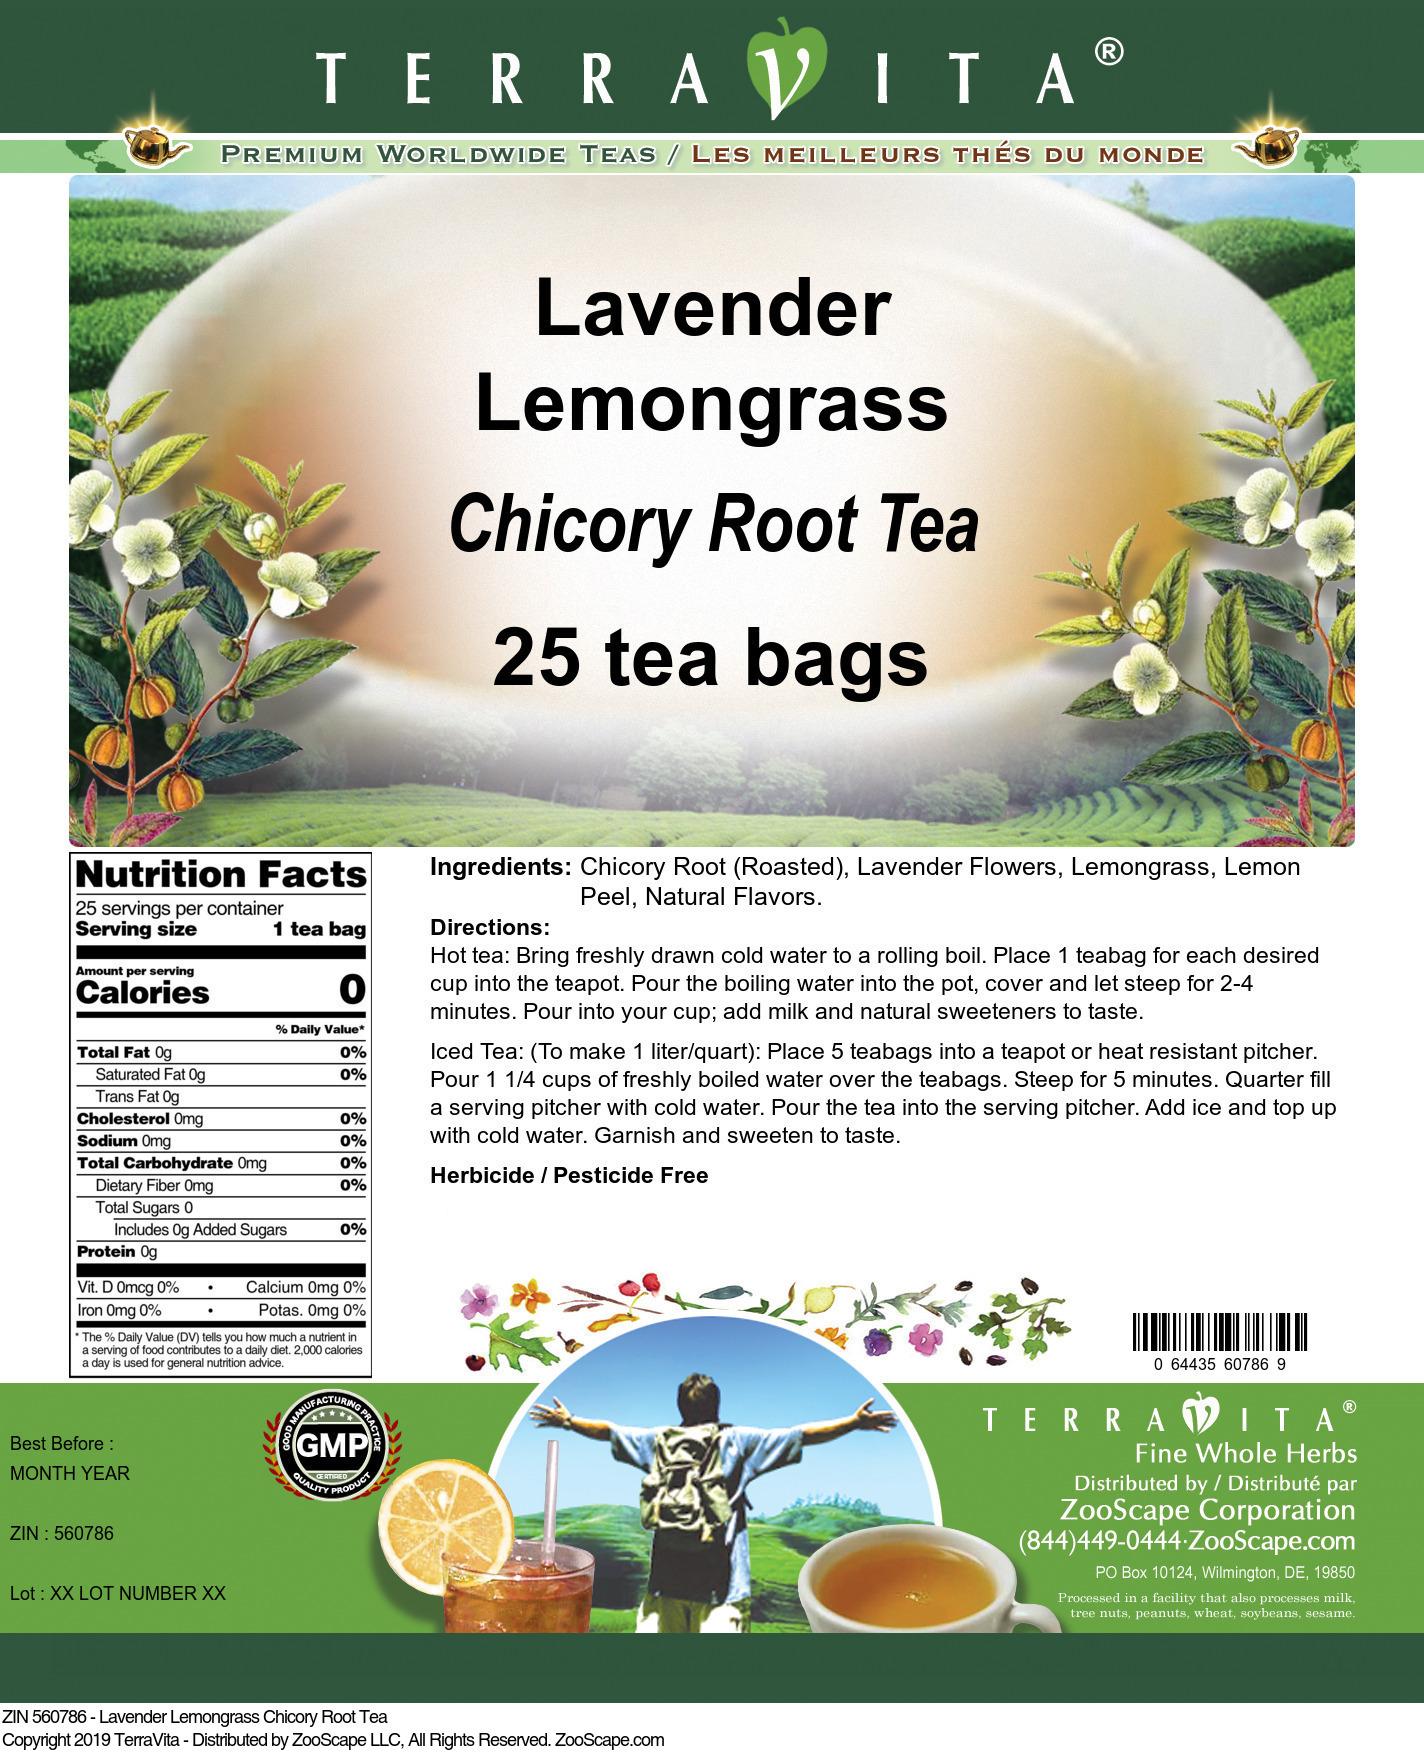 Lavender Lemongrass Chicory Root Tea